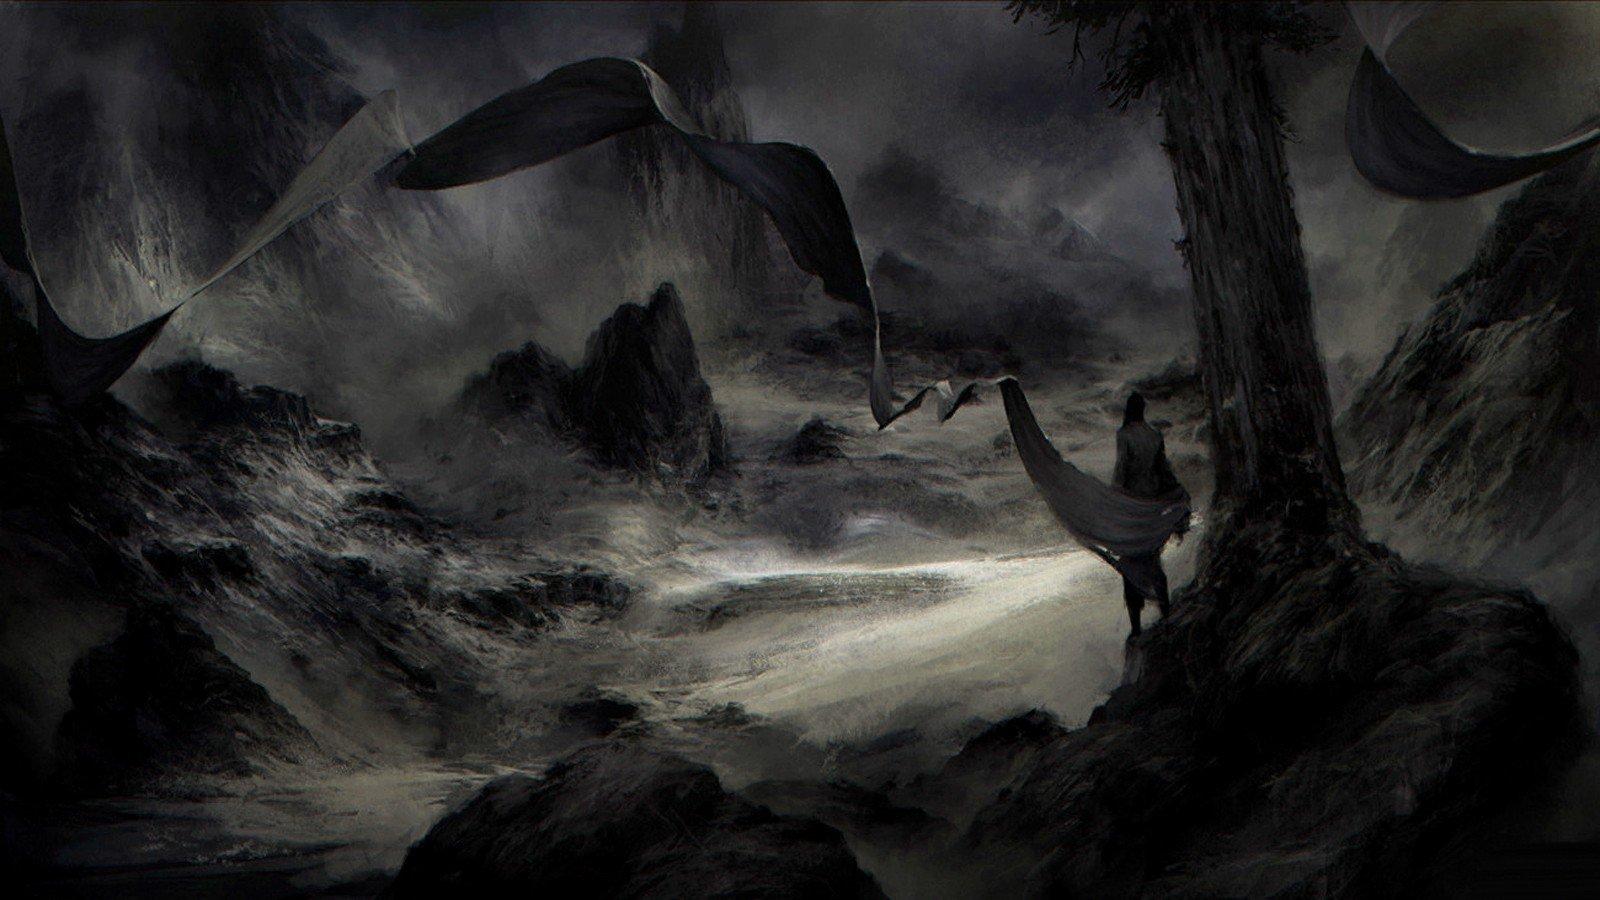 Darknestfantasy xxx pictures